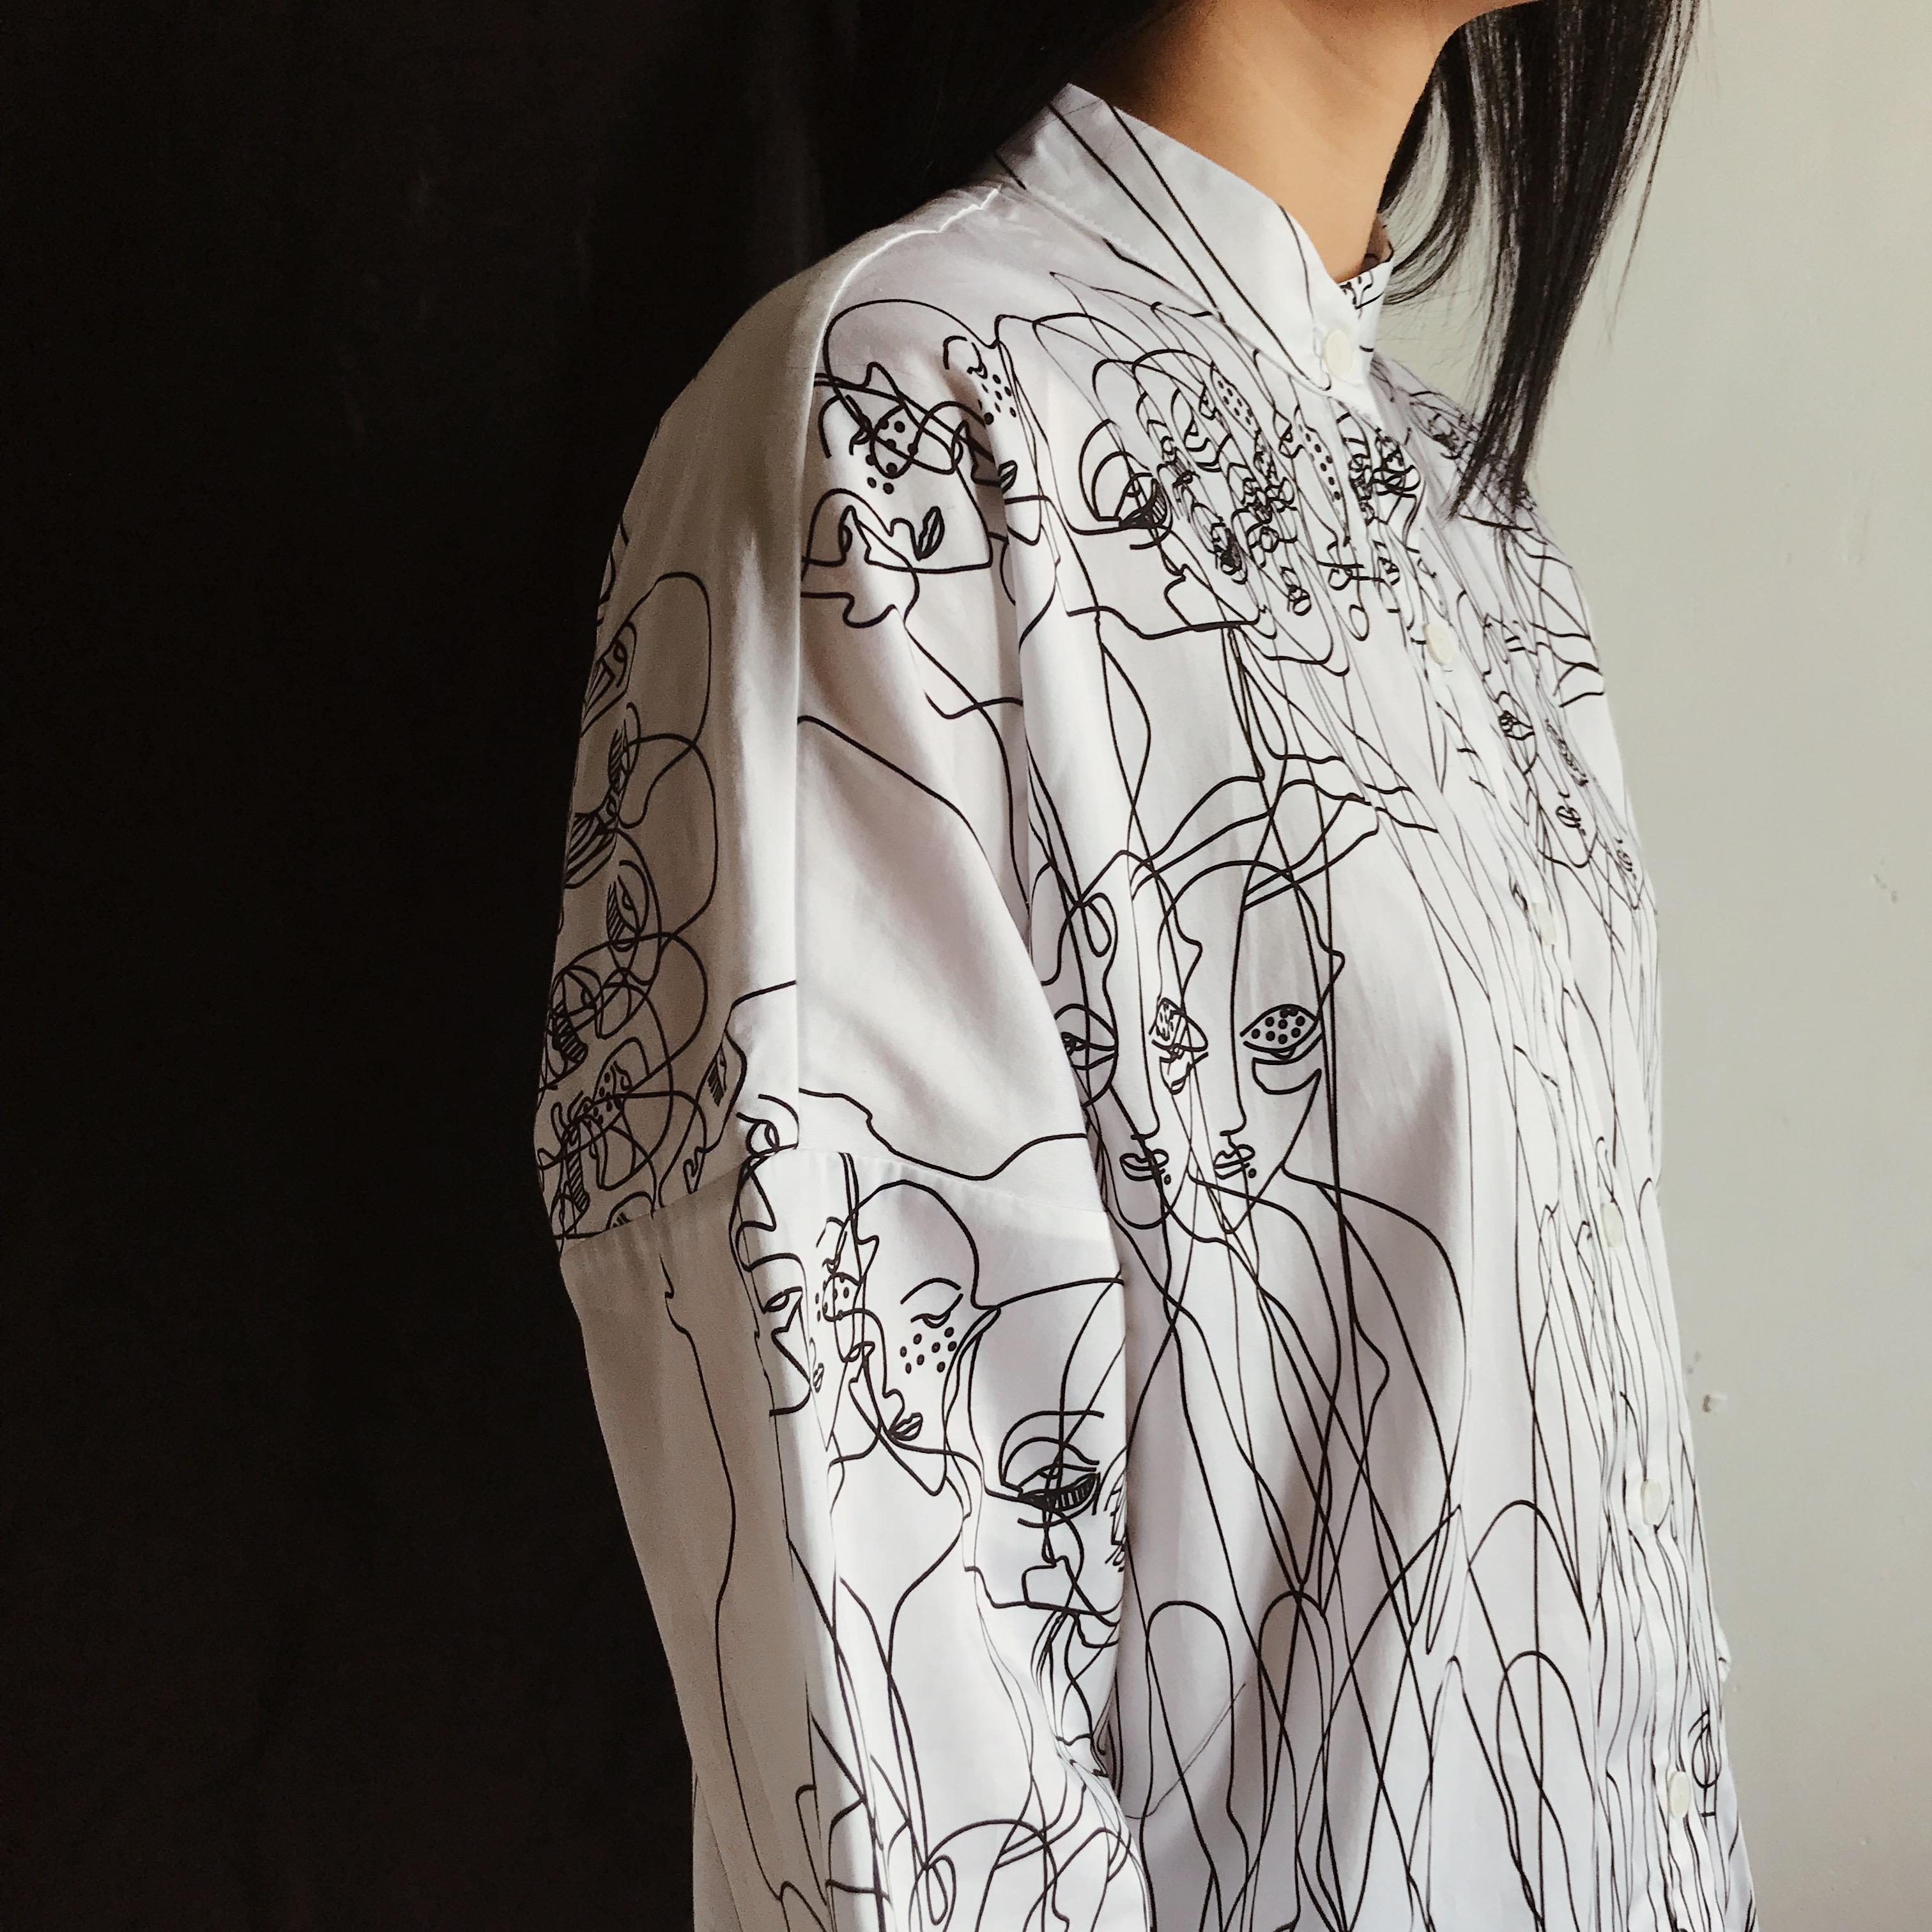 Біла сорочка з чорно-білим принтом Люди